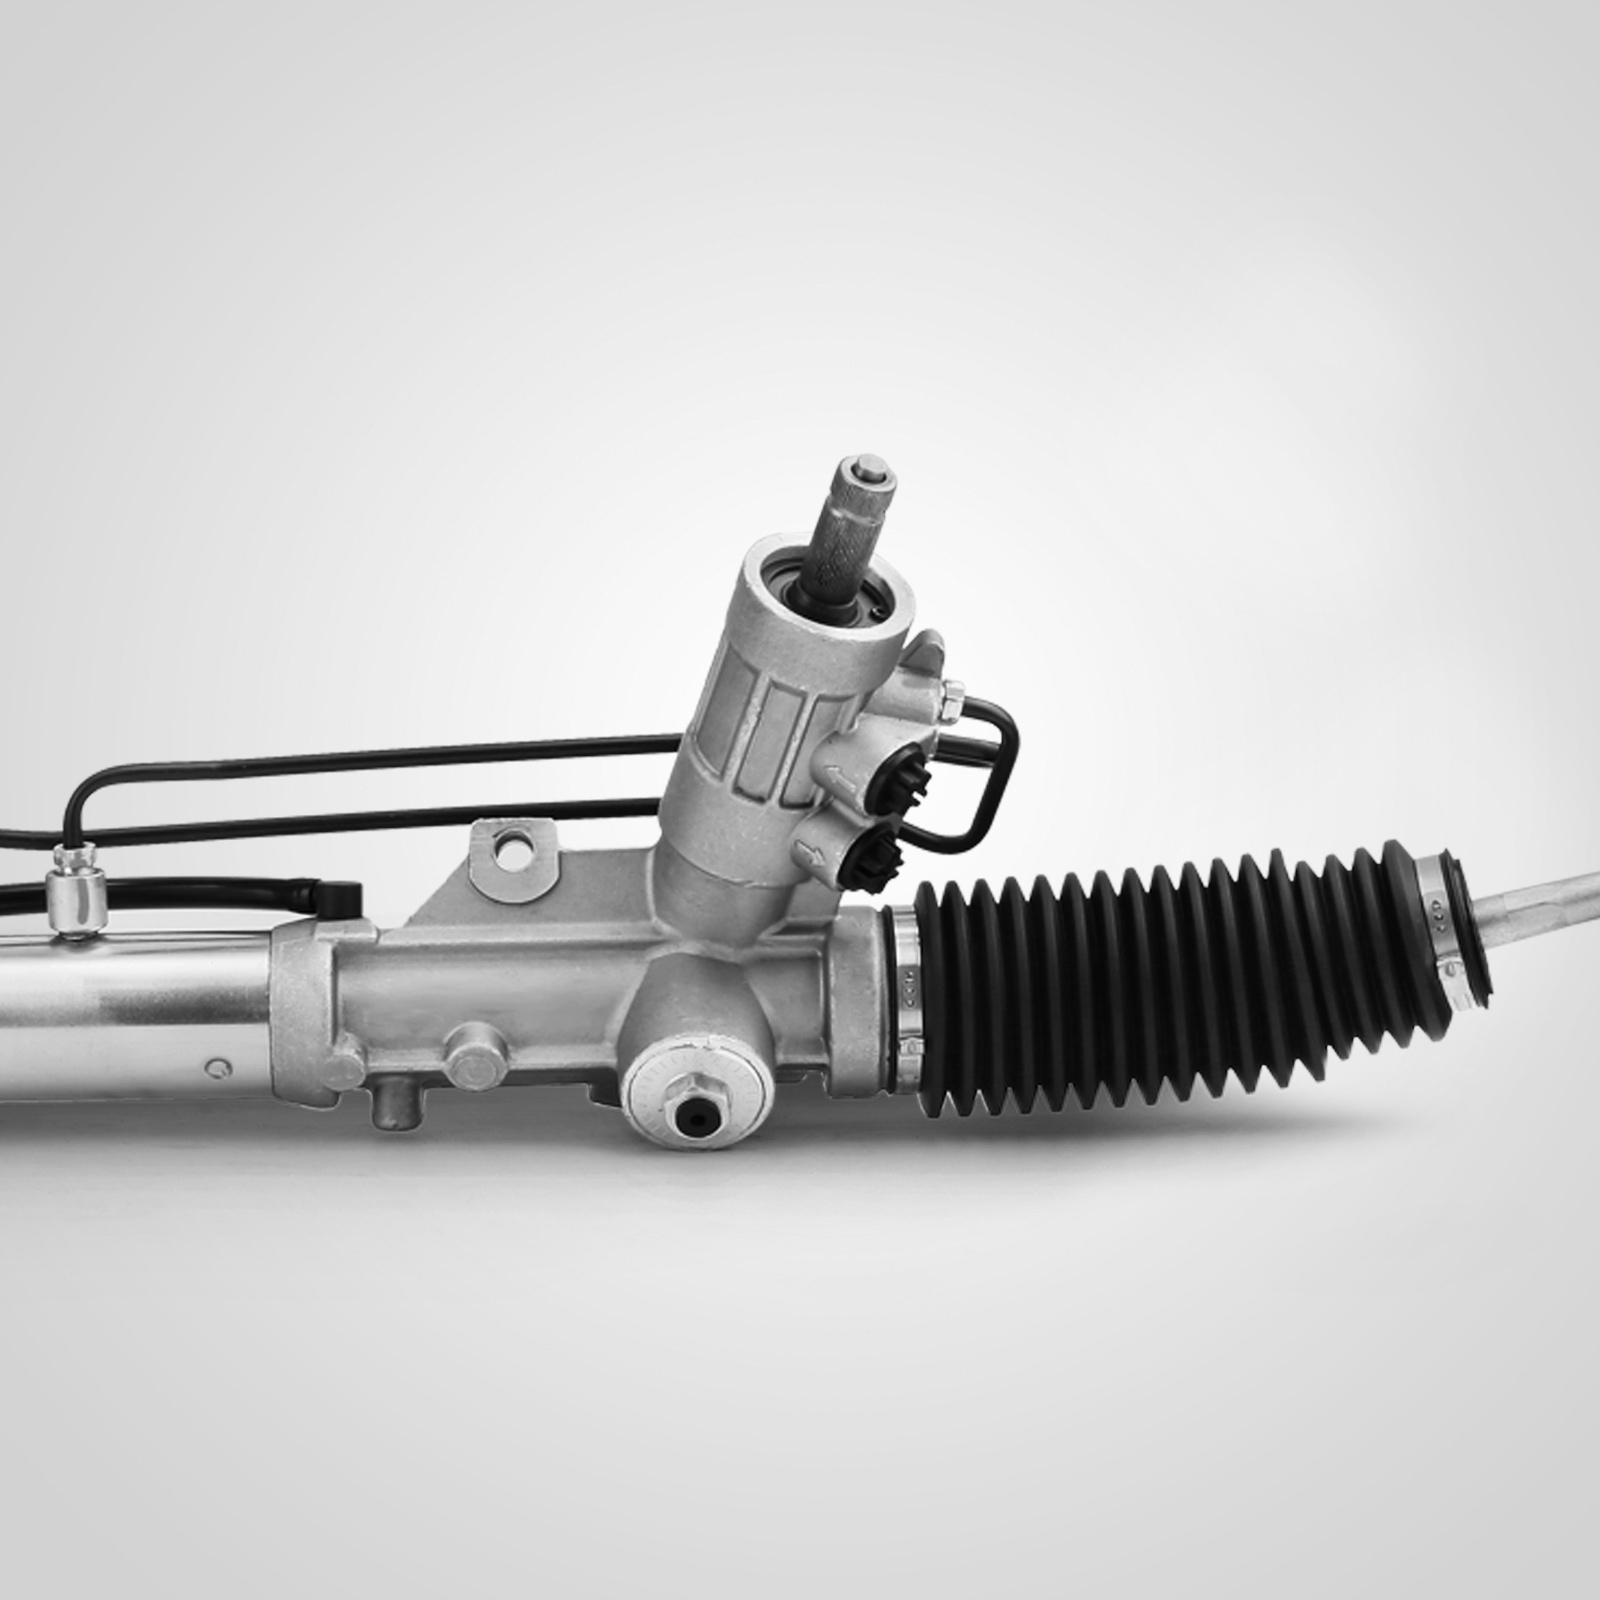 Power Steering Rack Fit Bmw 3 Series E36 E46 Z3 318i Steering Gear Hydraulic 895801648519 Ebay